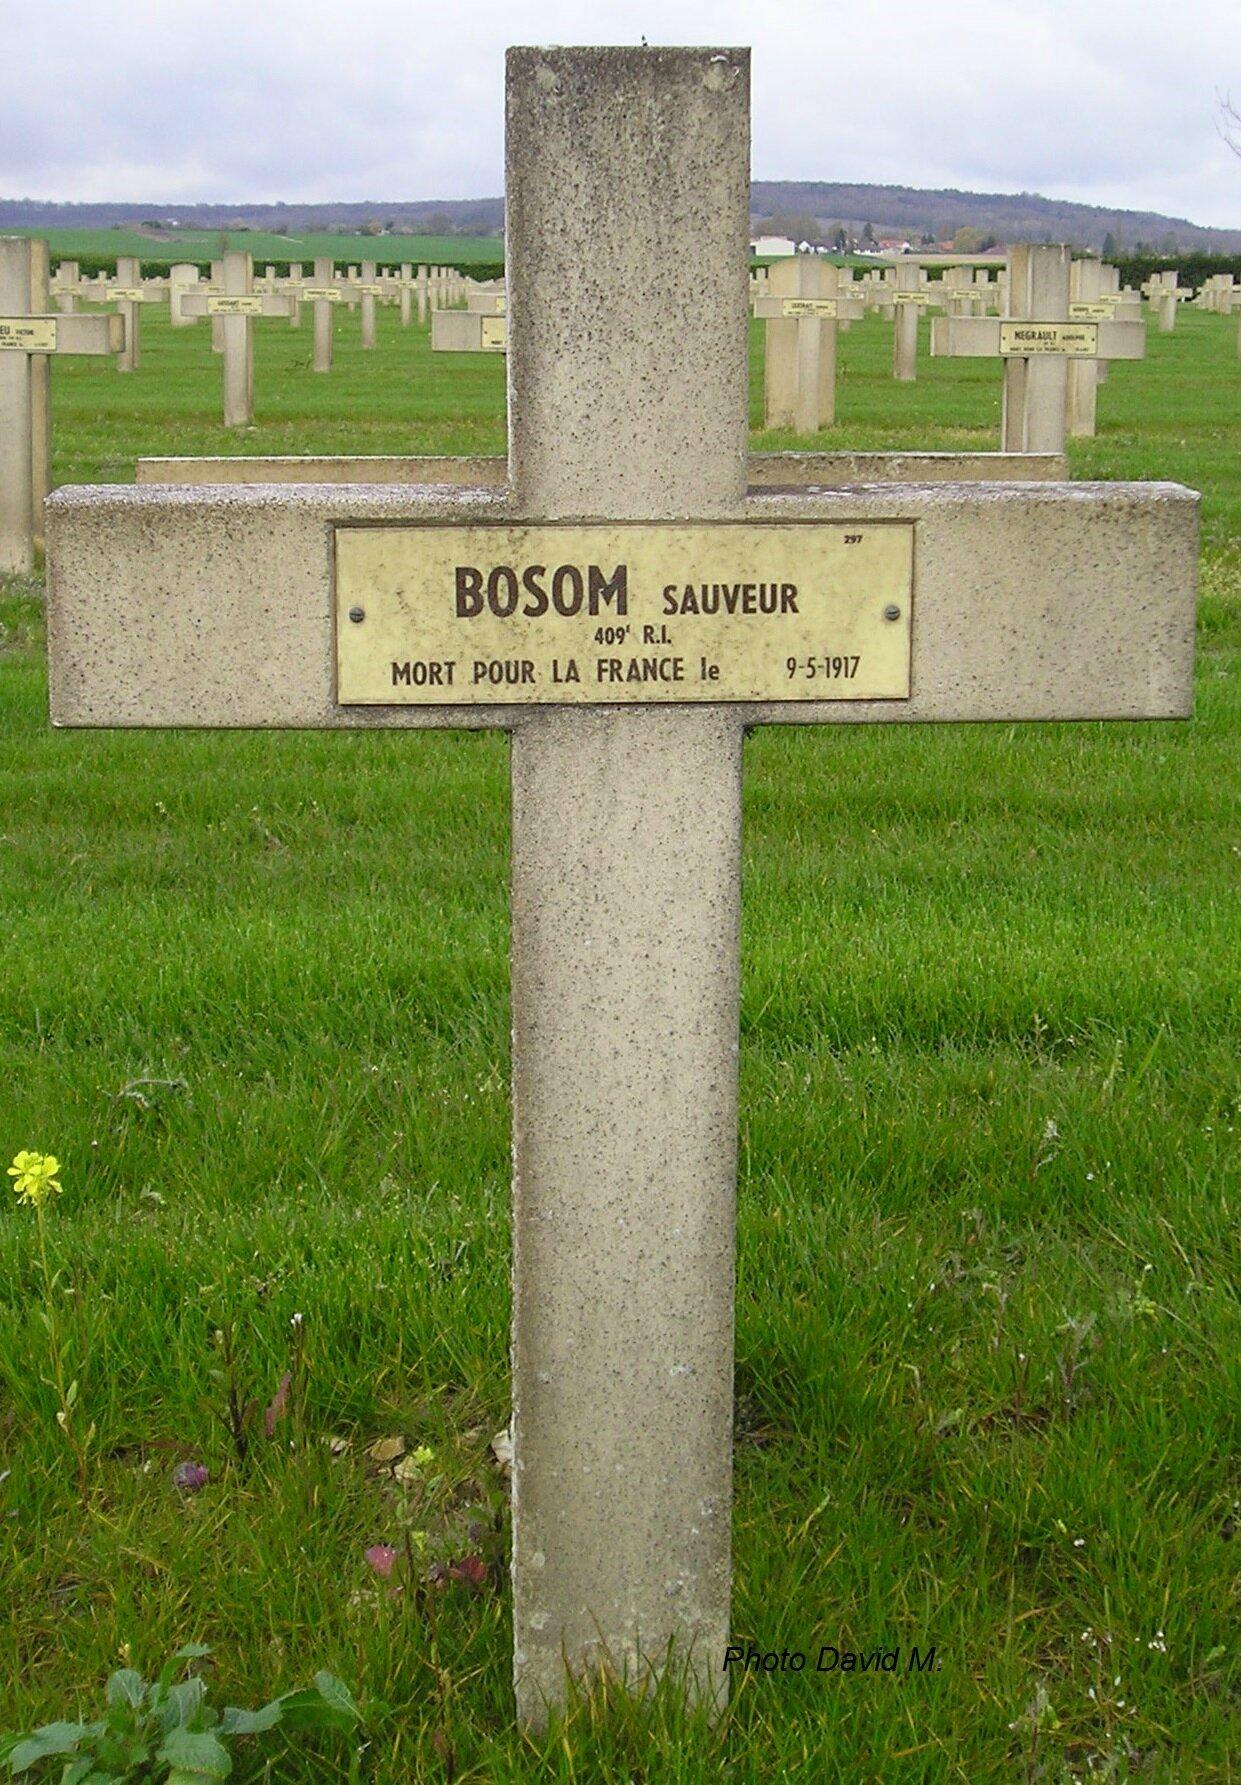 BOSOM Sauveur Louis